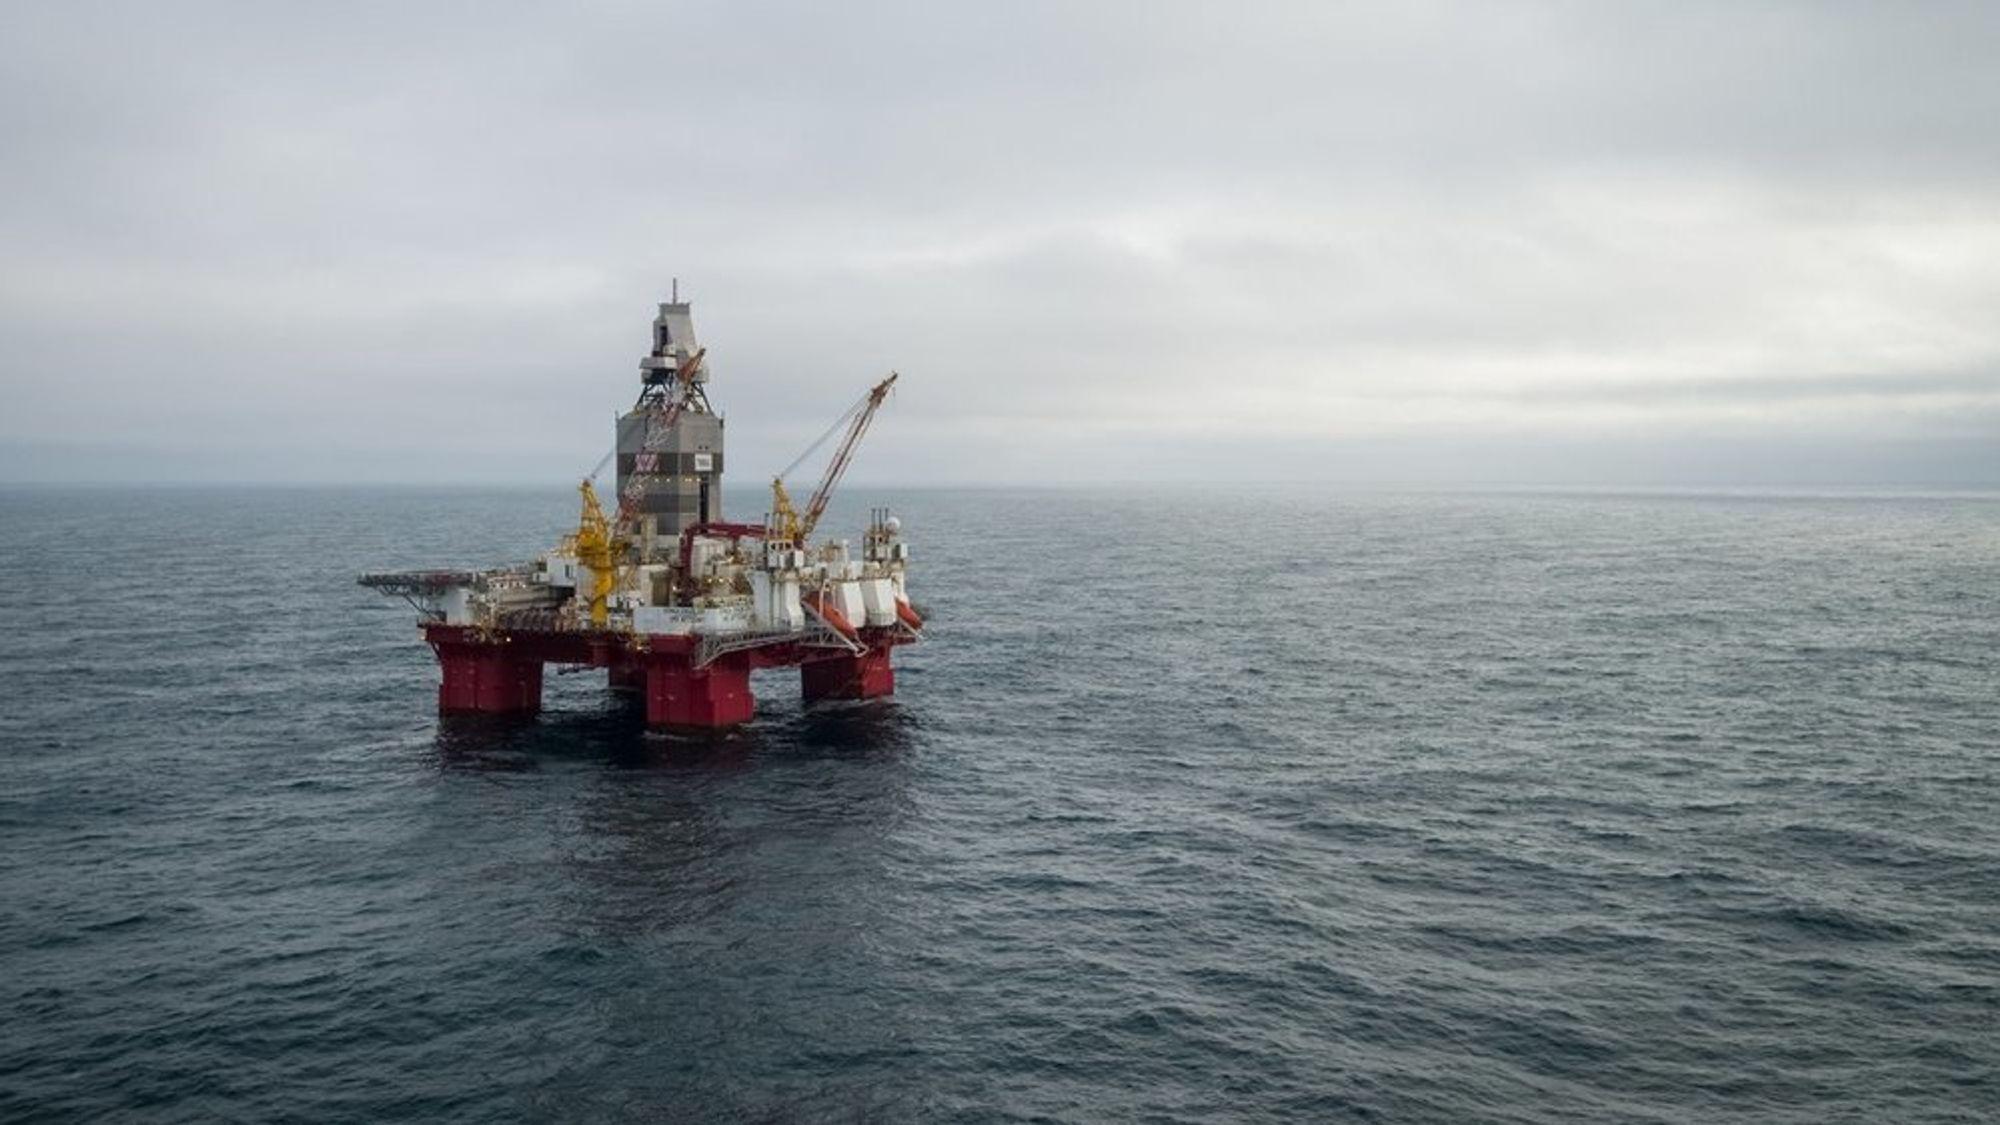 Equinor mener samfunnet vil tape milliarder på å opprette en ilandføringsterminal for Castberg-oljen ved Nordkapp. bildet er fra Skruis-feltet, som er vurdert knyttet sammen med Castberg-feltet åtte kilometer unna.